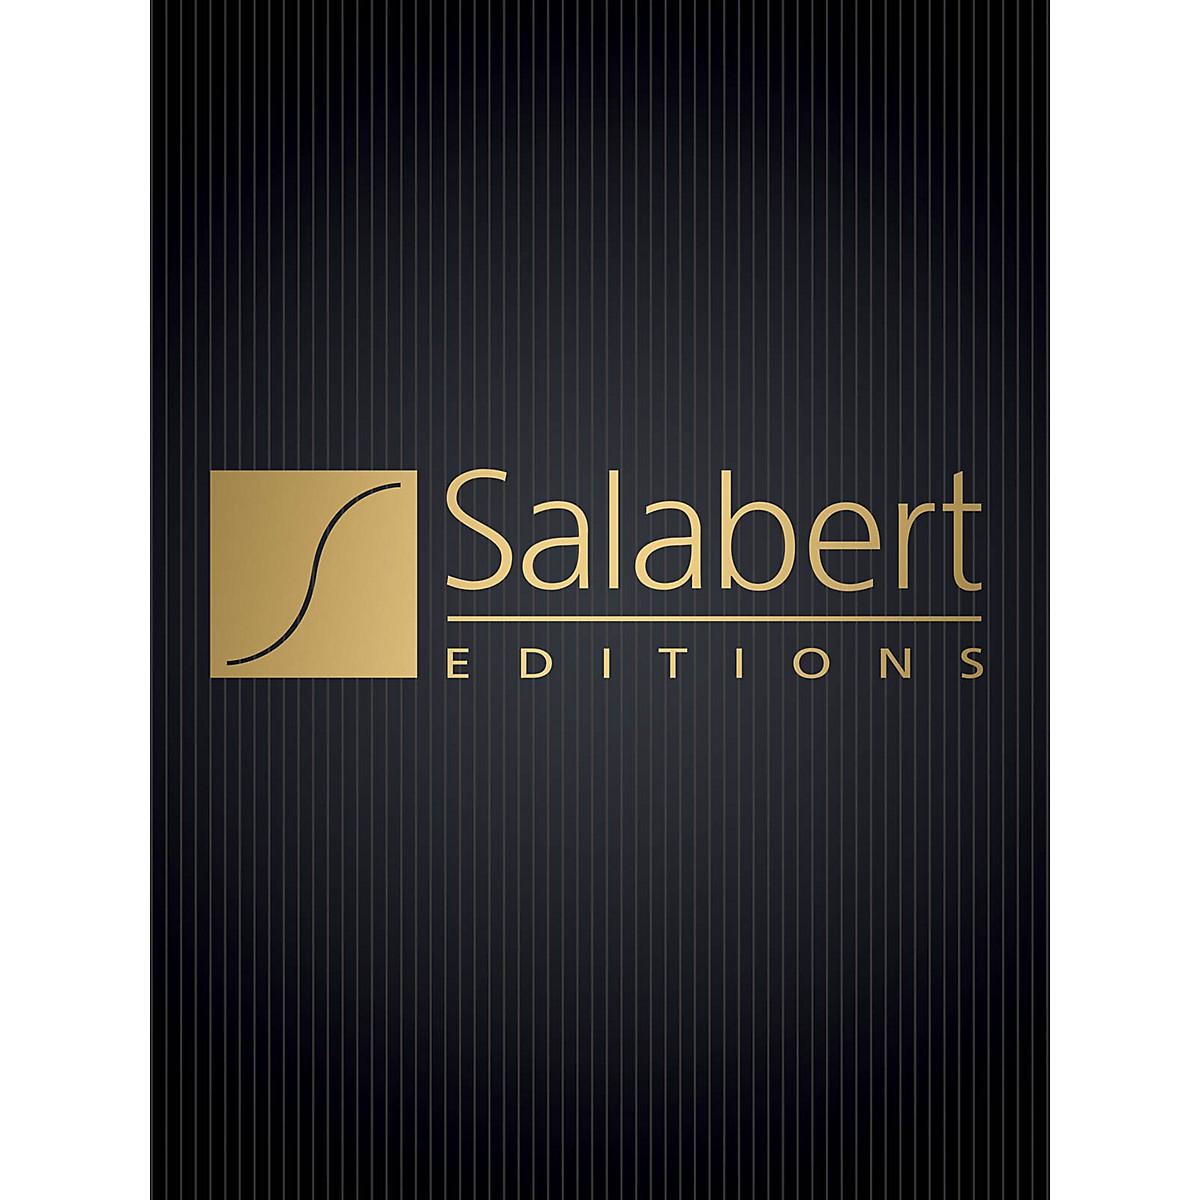 Editions Salabert Service sacré pour le samedi matin (Vocal Score) SATB Composed by Darius Milhaud